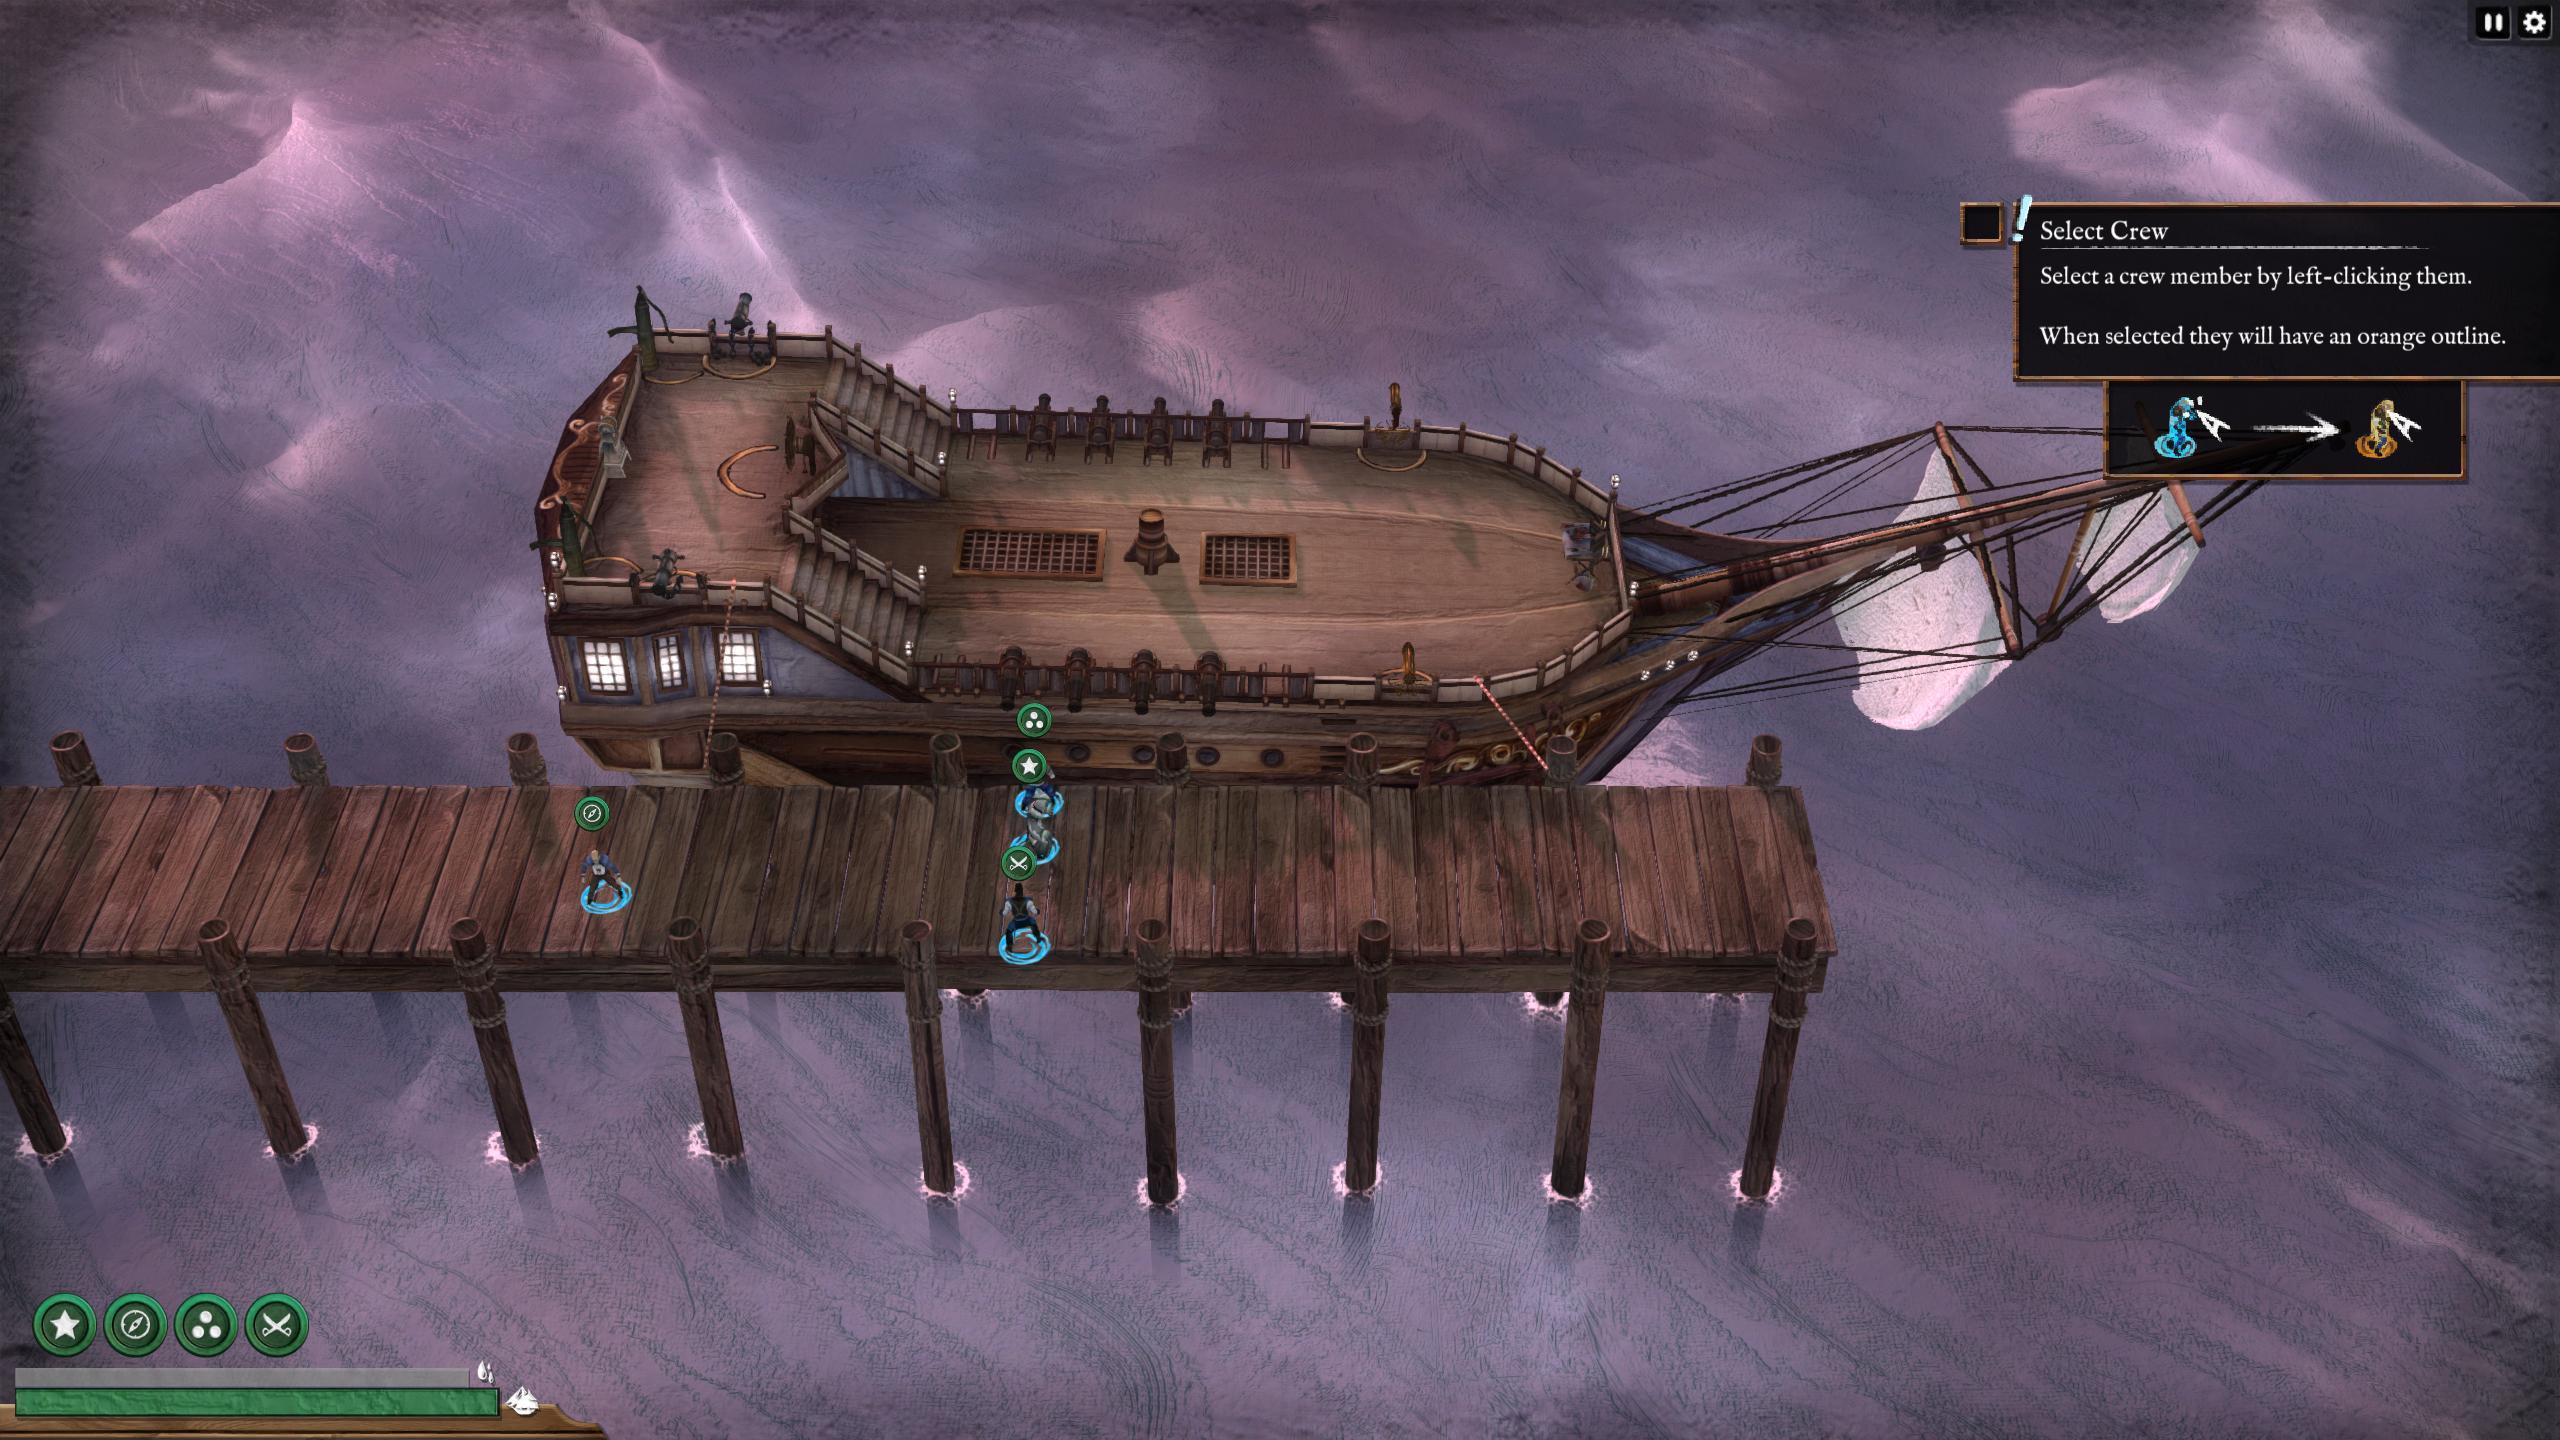 Скриншоты к Abandon Ship v0.5.8009 полная версия